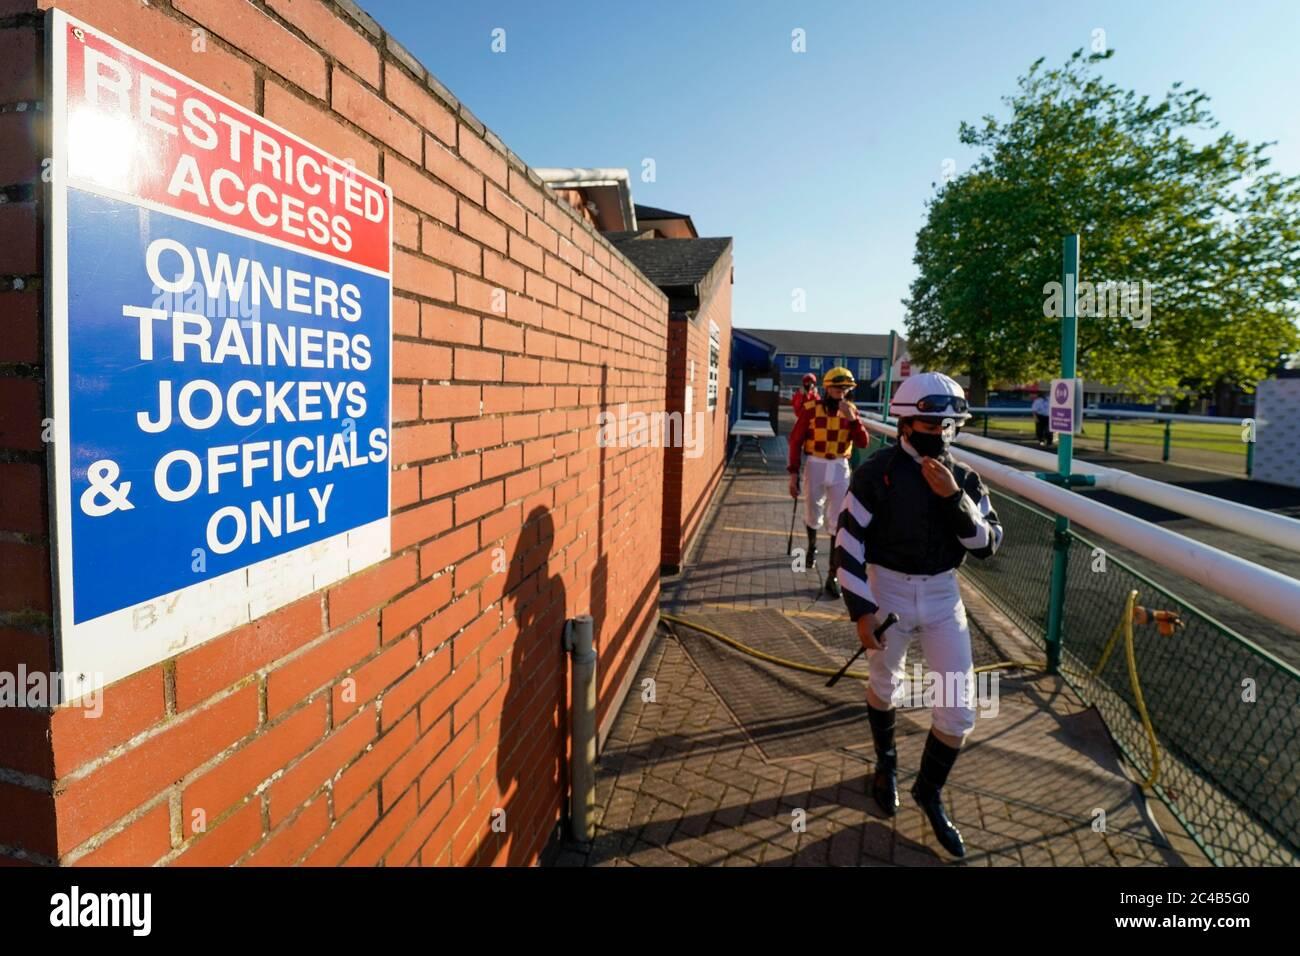 Une vue générale tandis que les jockeys quittent la salle de pesage et se rendent à l'anneau de parade de l'hippodrome de Leicester. Banque D'Images